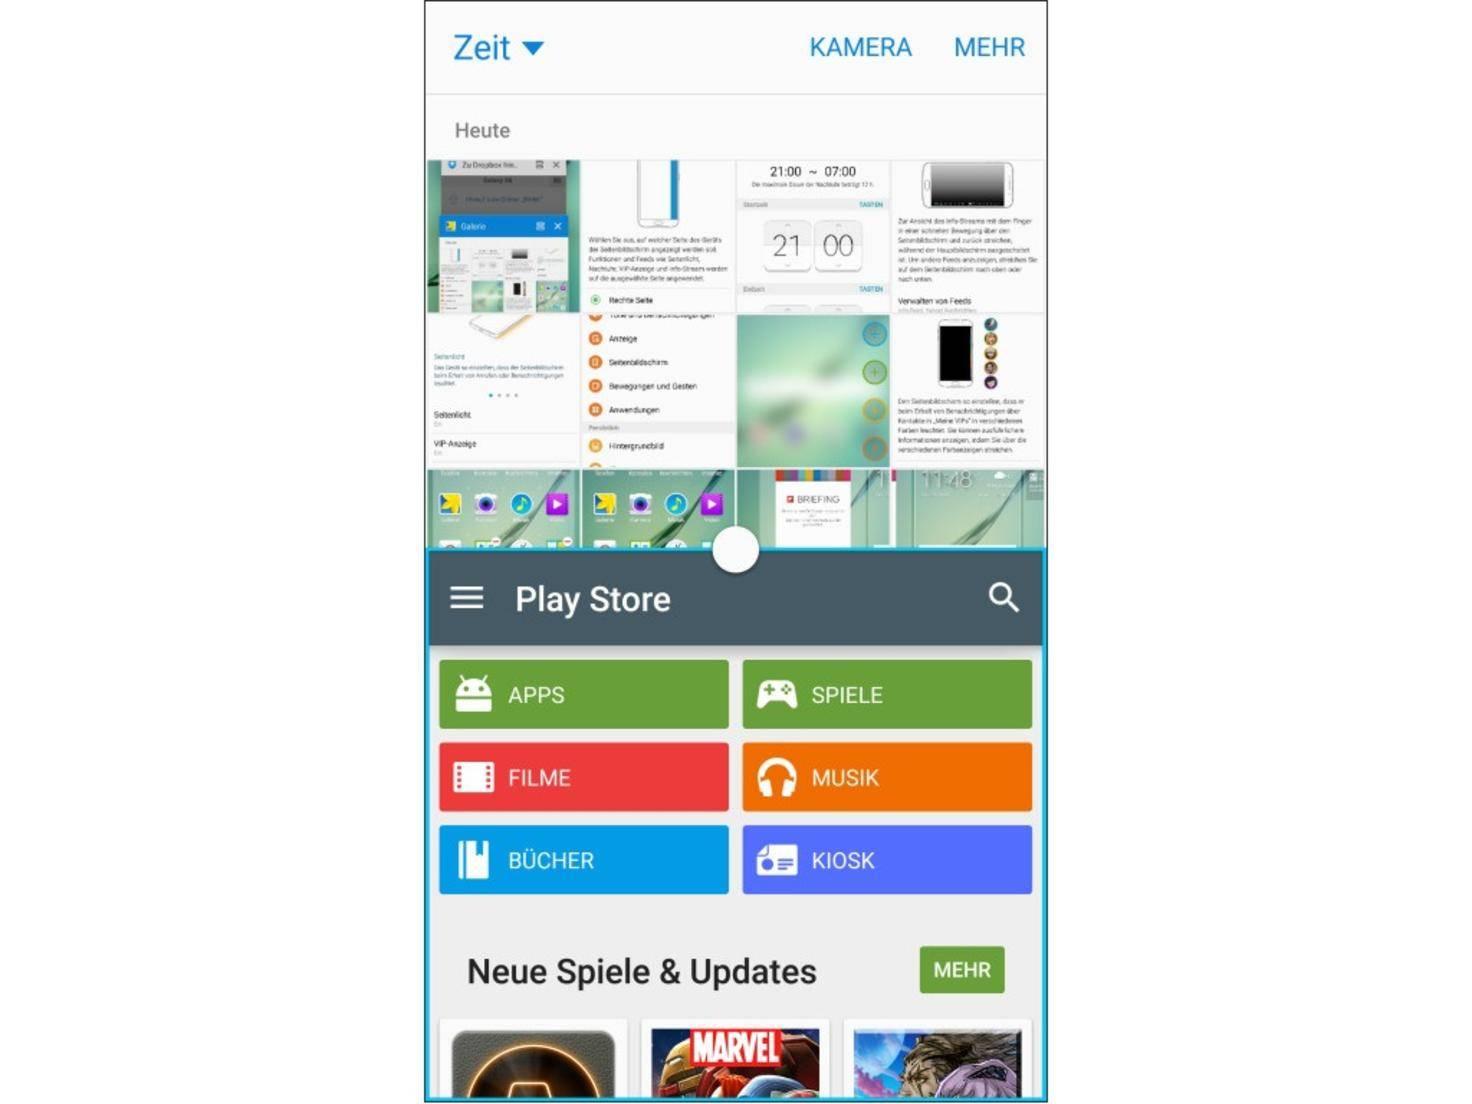 Die Apps können getauscht und in der Größe variiert werden.